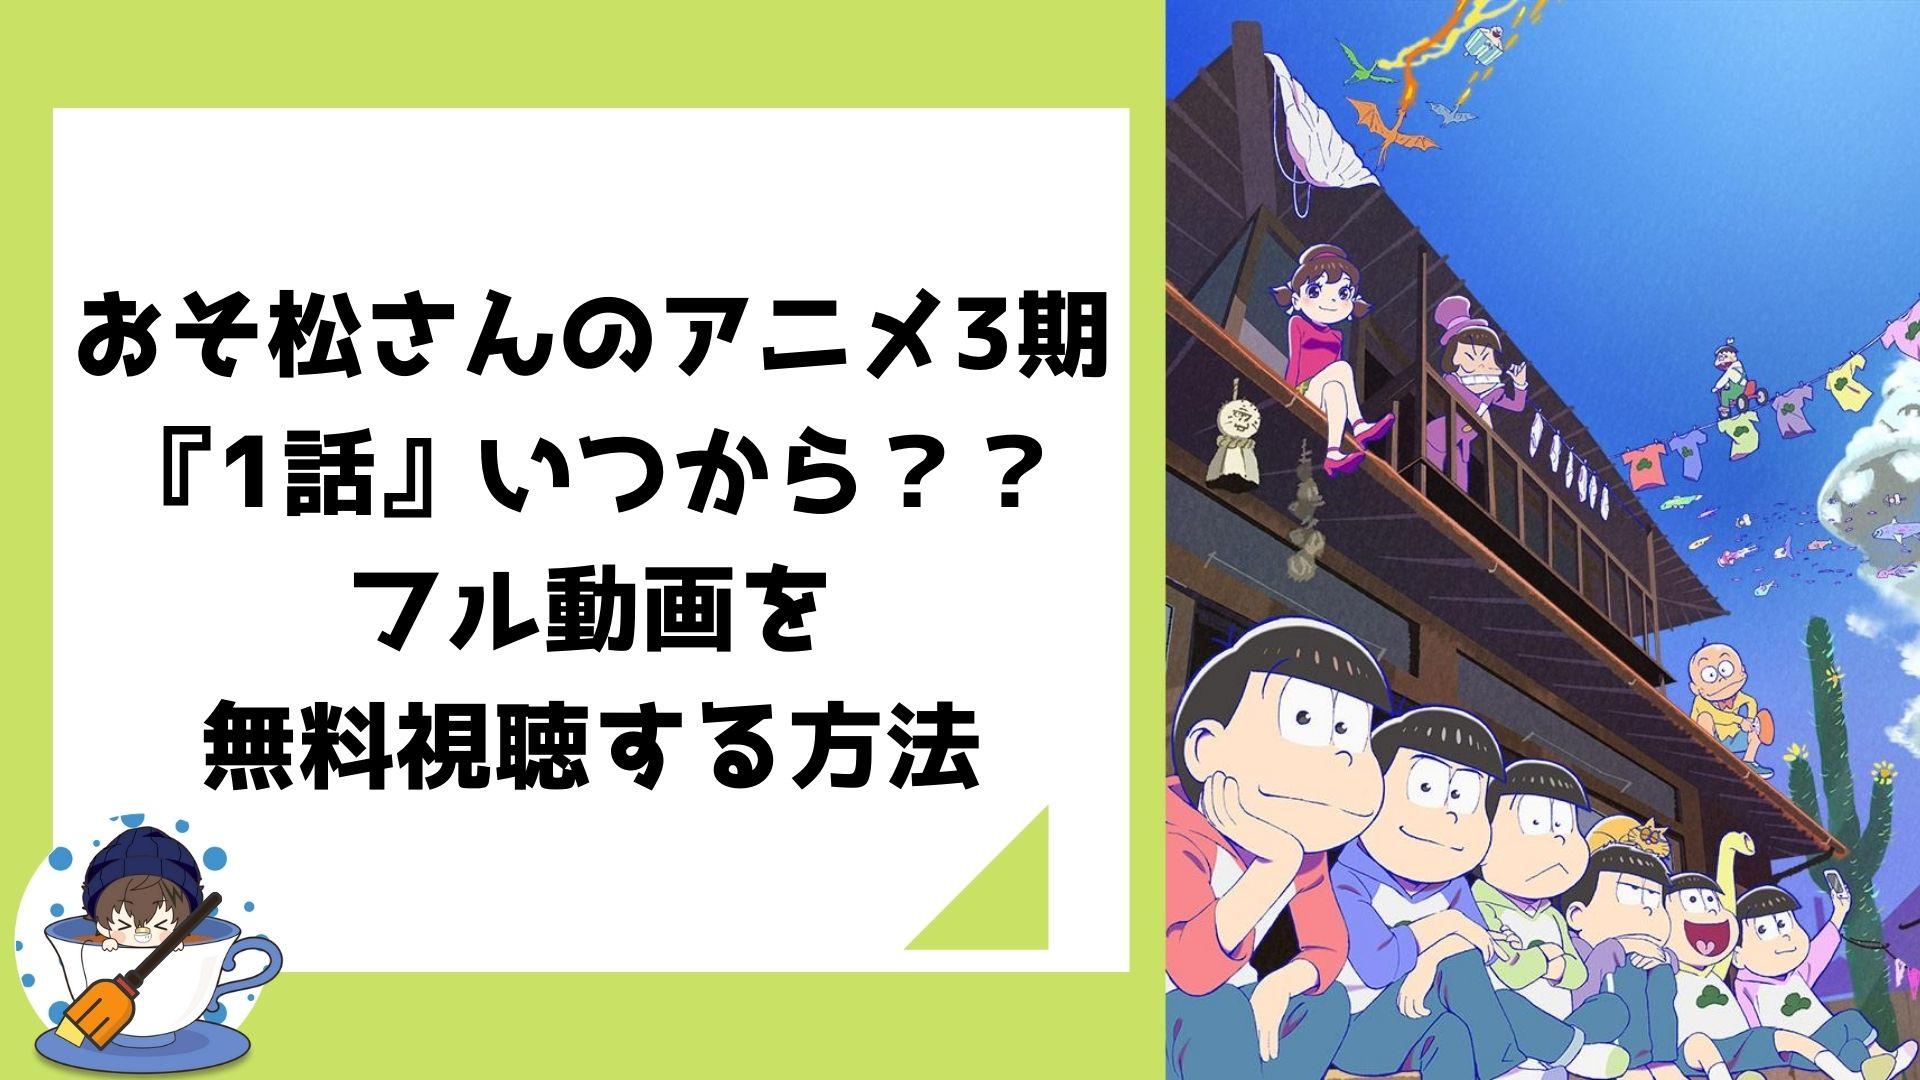 おそ松さんのアニメ3期『1話』はいつからで放送局は??フル動画を無料視聴する方法